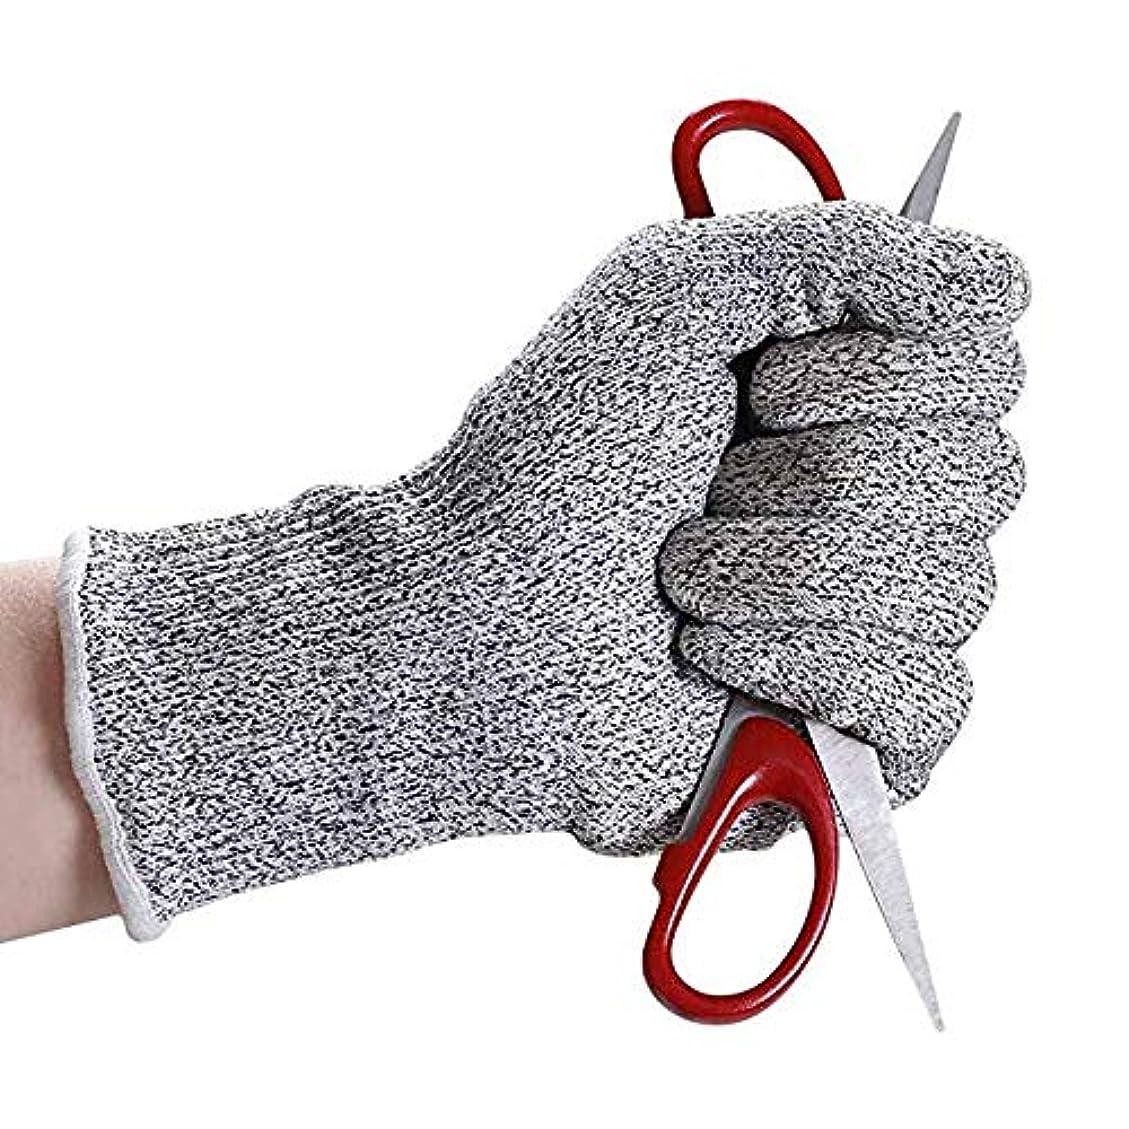 氏ブレース構造的カット性手袋、高性能レベル5の保護、食品グレード、安全カット手袋、指ハンドプロテクター、洗濯機、1ペア